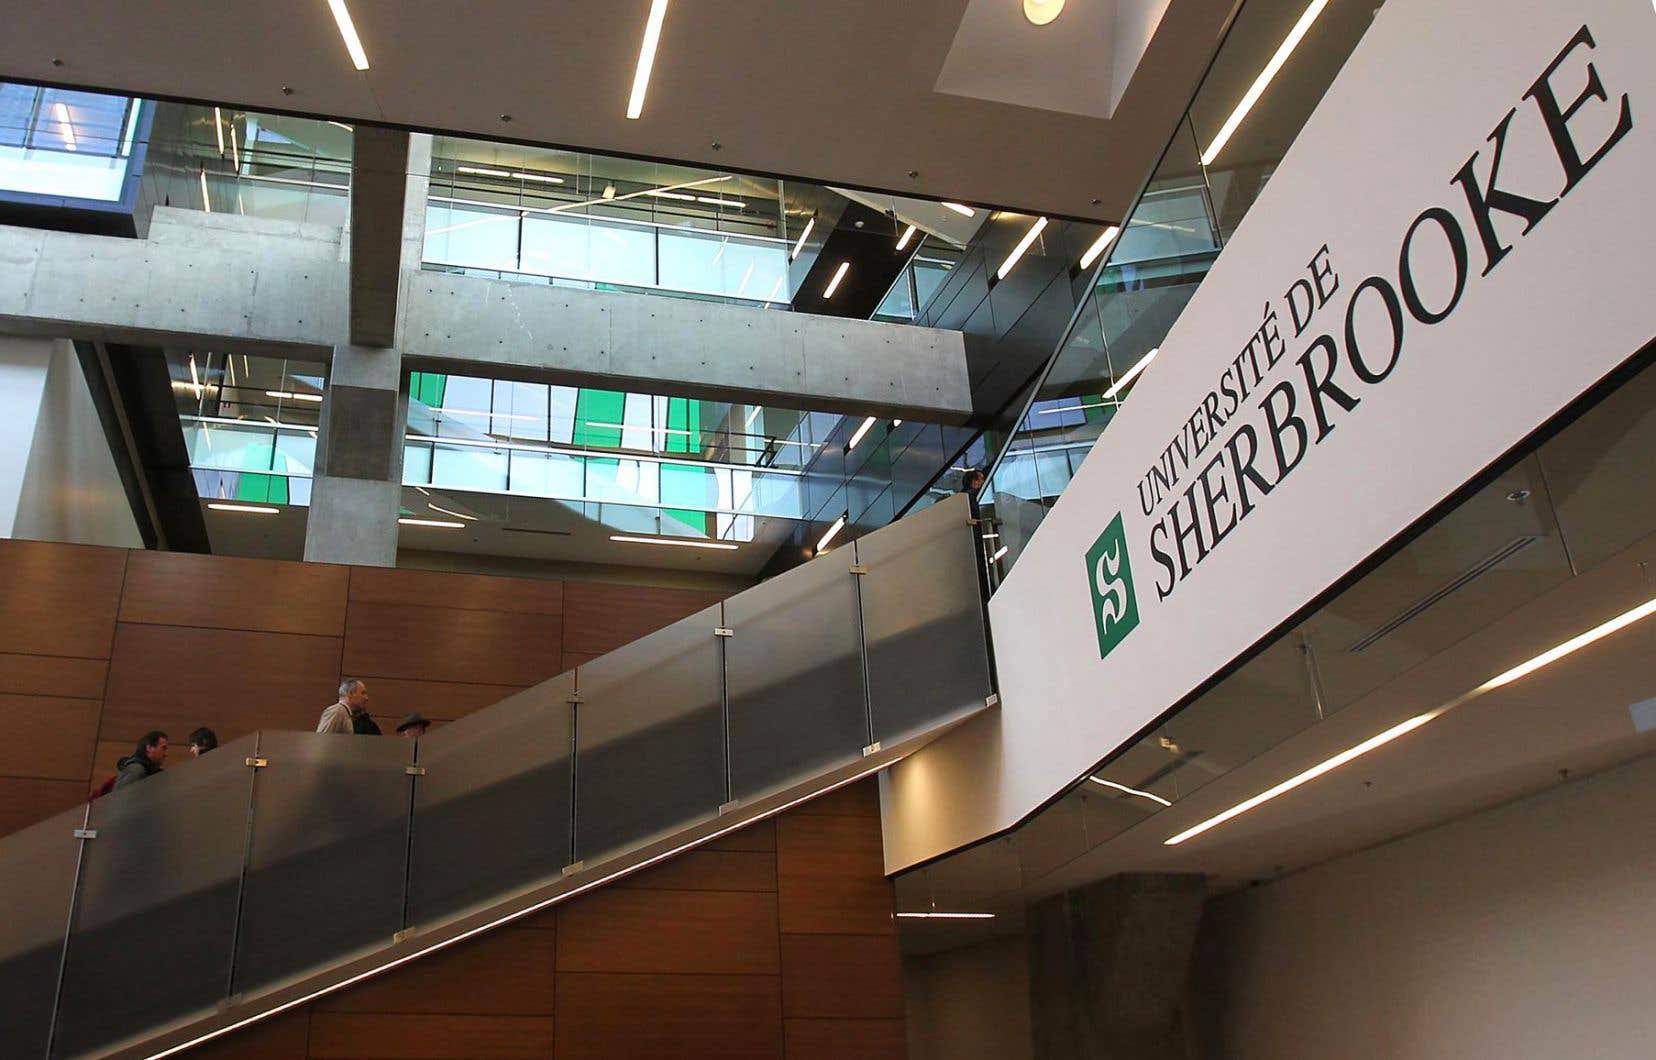 La politique adoptée cette semaine par l'Université de Sherbrooke s'inscrit dans cette reconnaissance de la différence, explique Kim Lagueux-Dugal, registraire de l'UdeS.